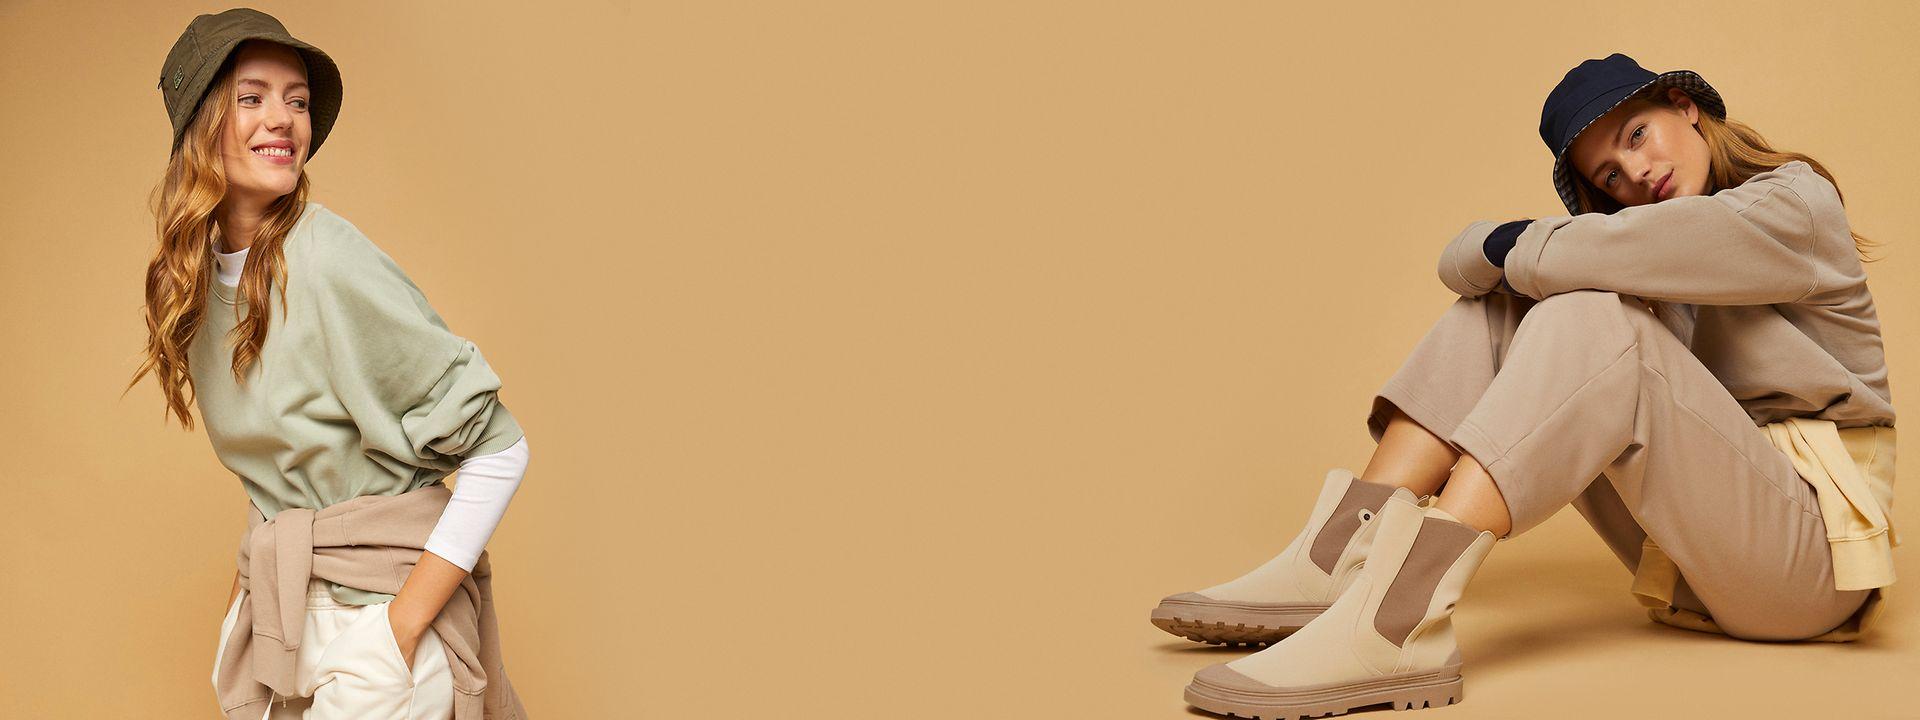 342021 - women - startpage - main banner -Sweat Capsule - IMG